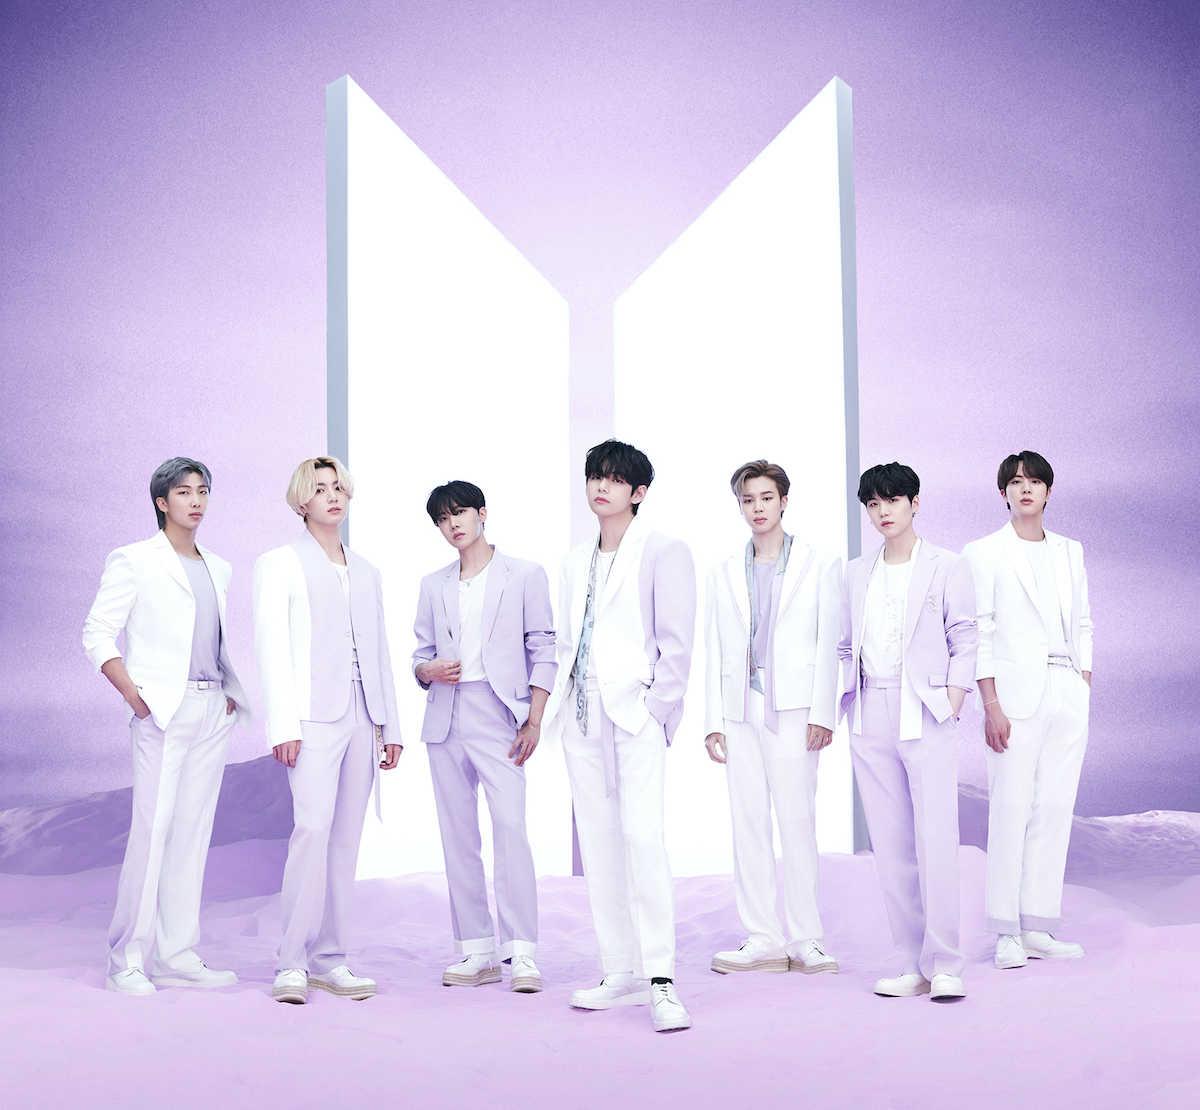 BTS、日本オリジナル曲「Stay Gold」ミュージックビデオ  2億再生突破